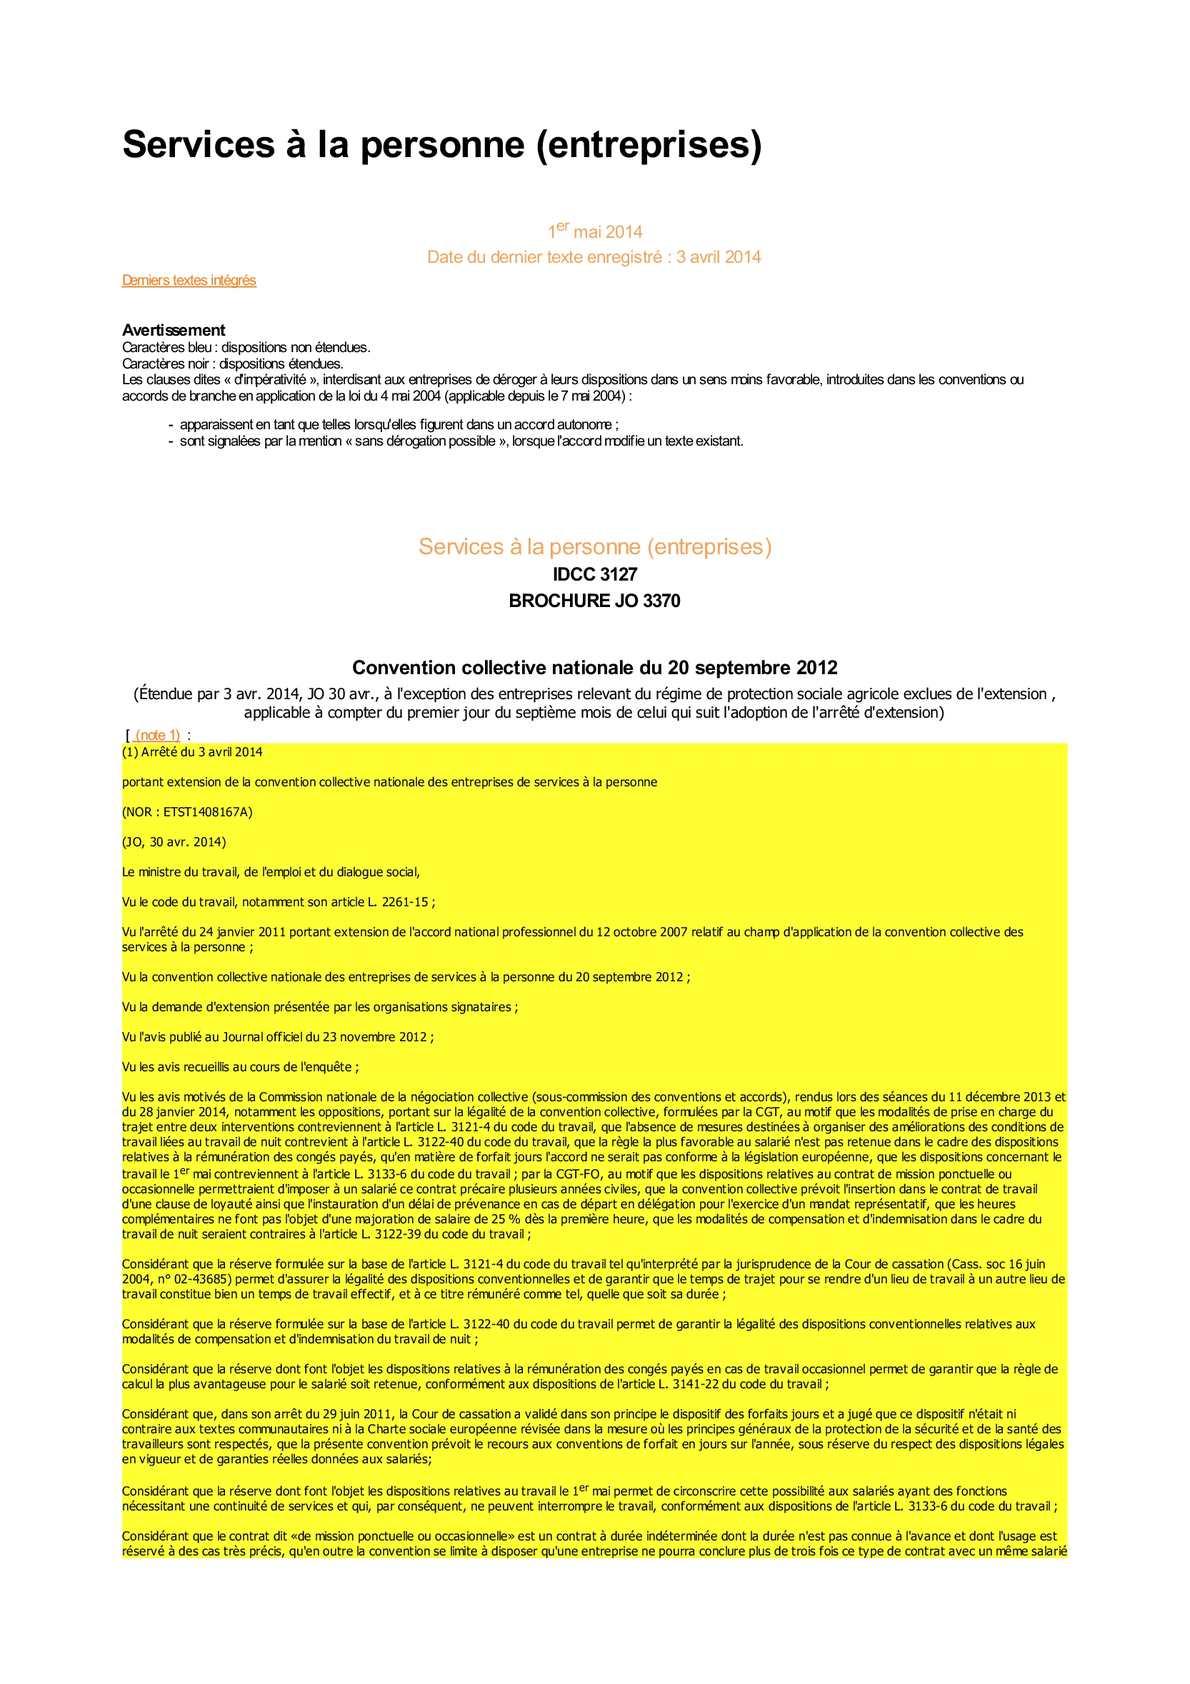 Arrêté du 25 octobre 2007 portant extension d'un accord régional (Pays de la